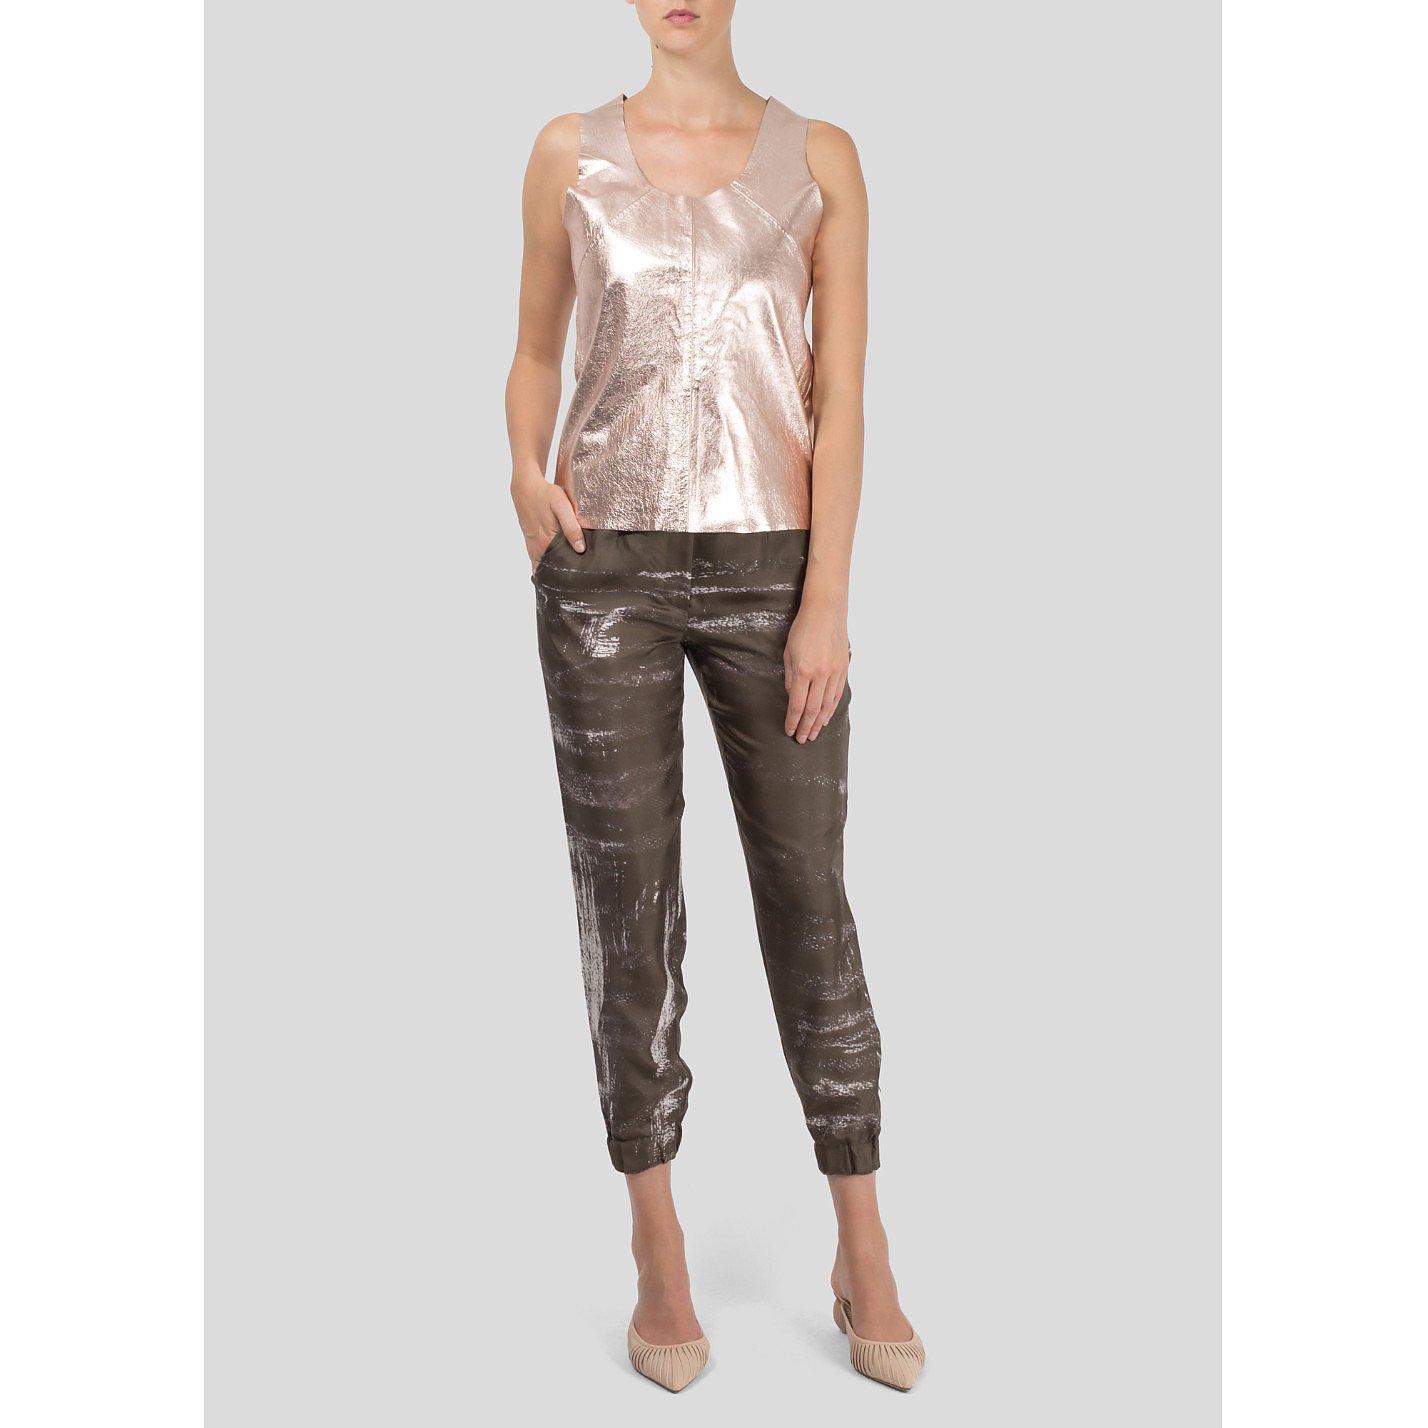 Zoe Jordan Printed Trousers